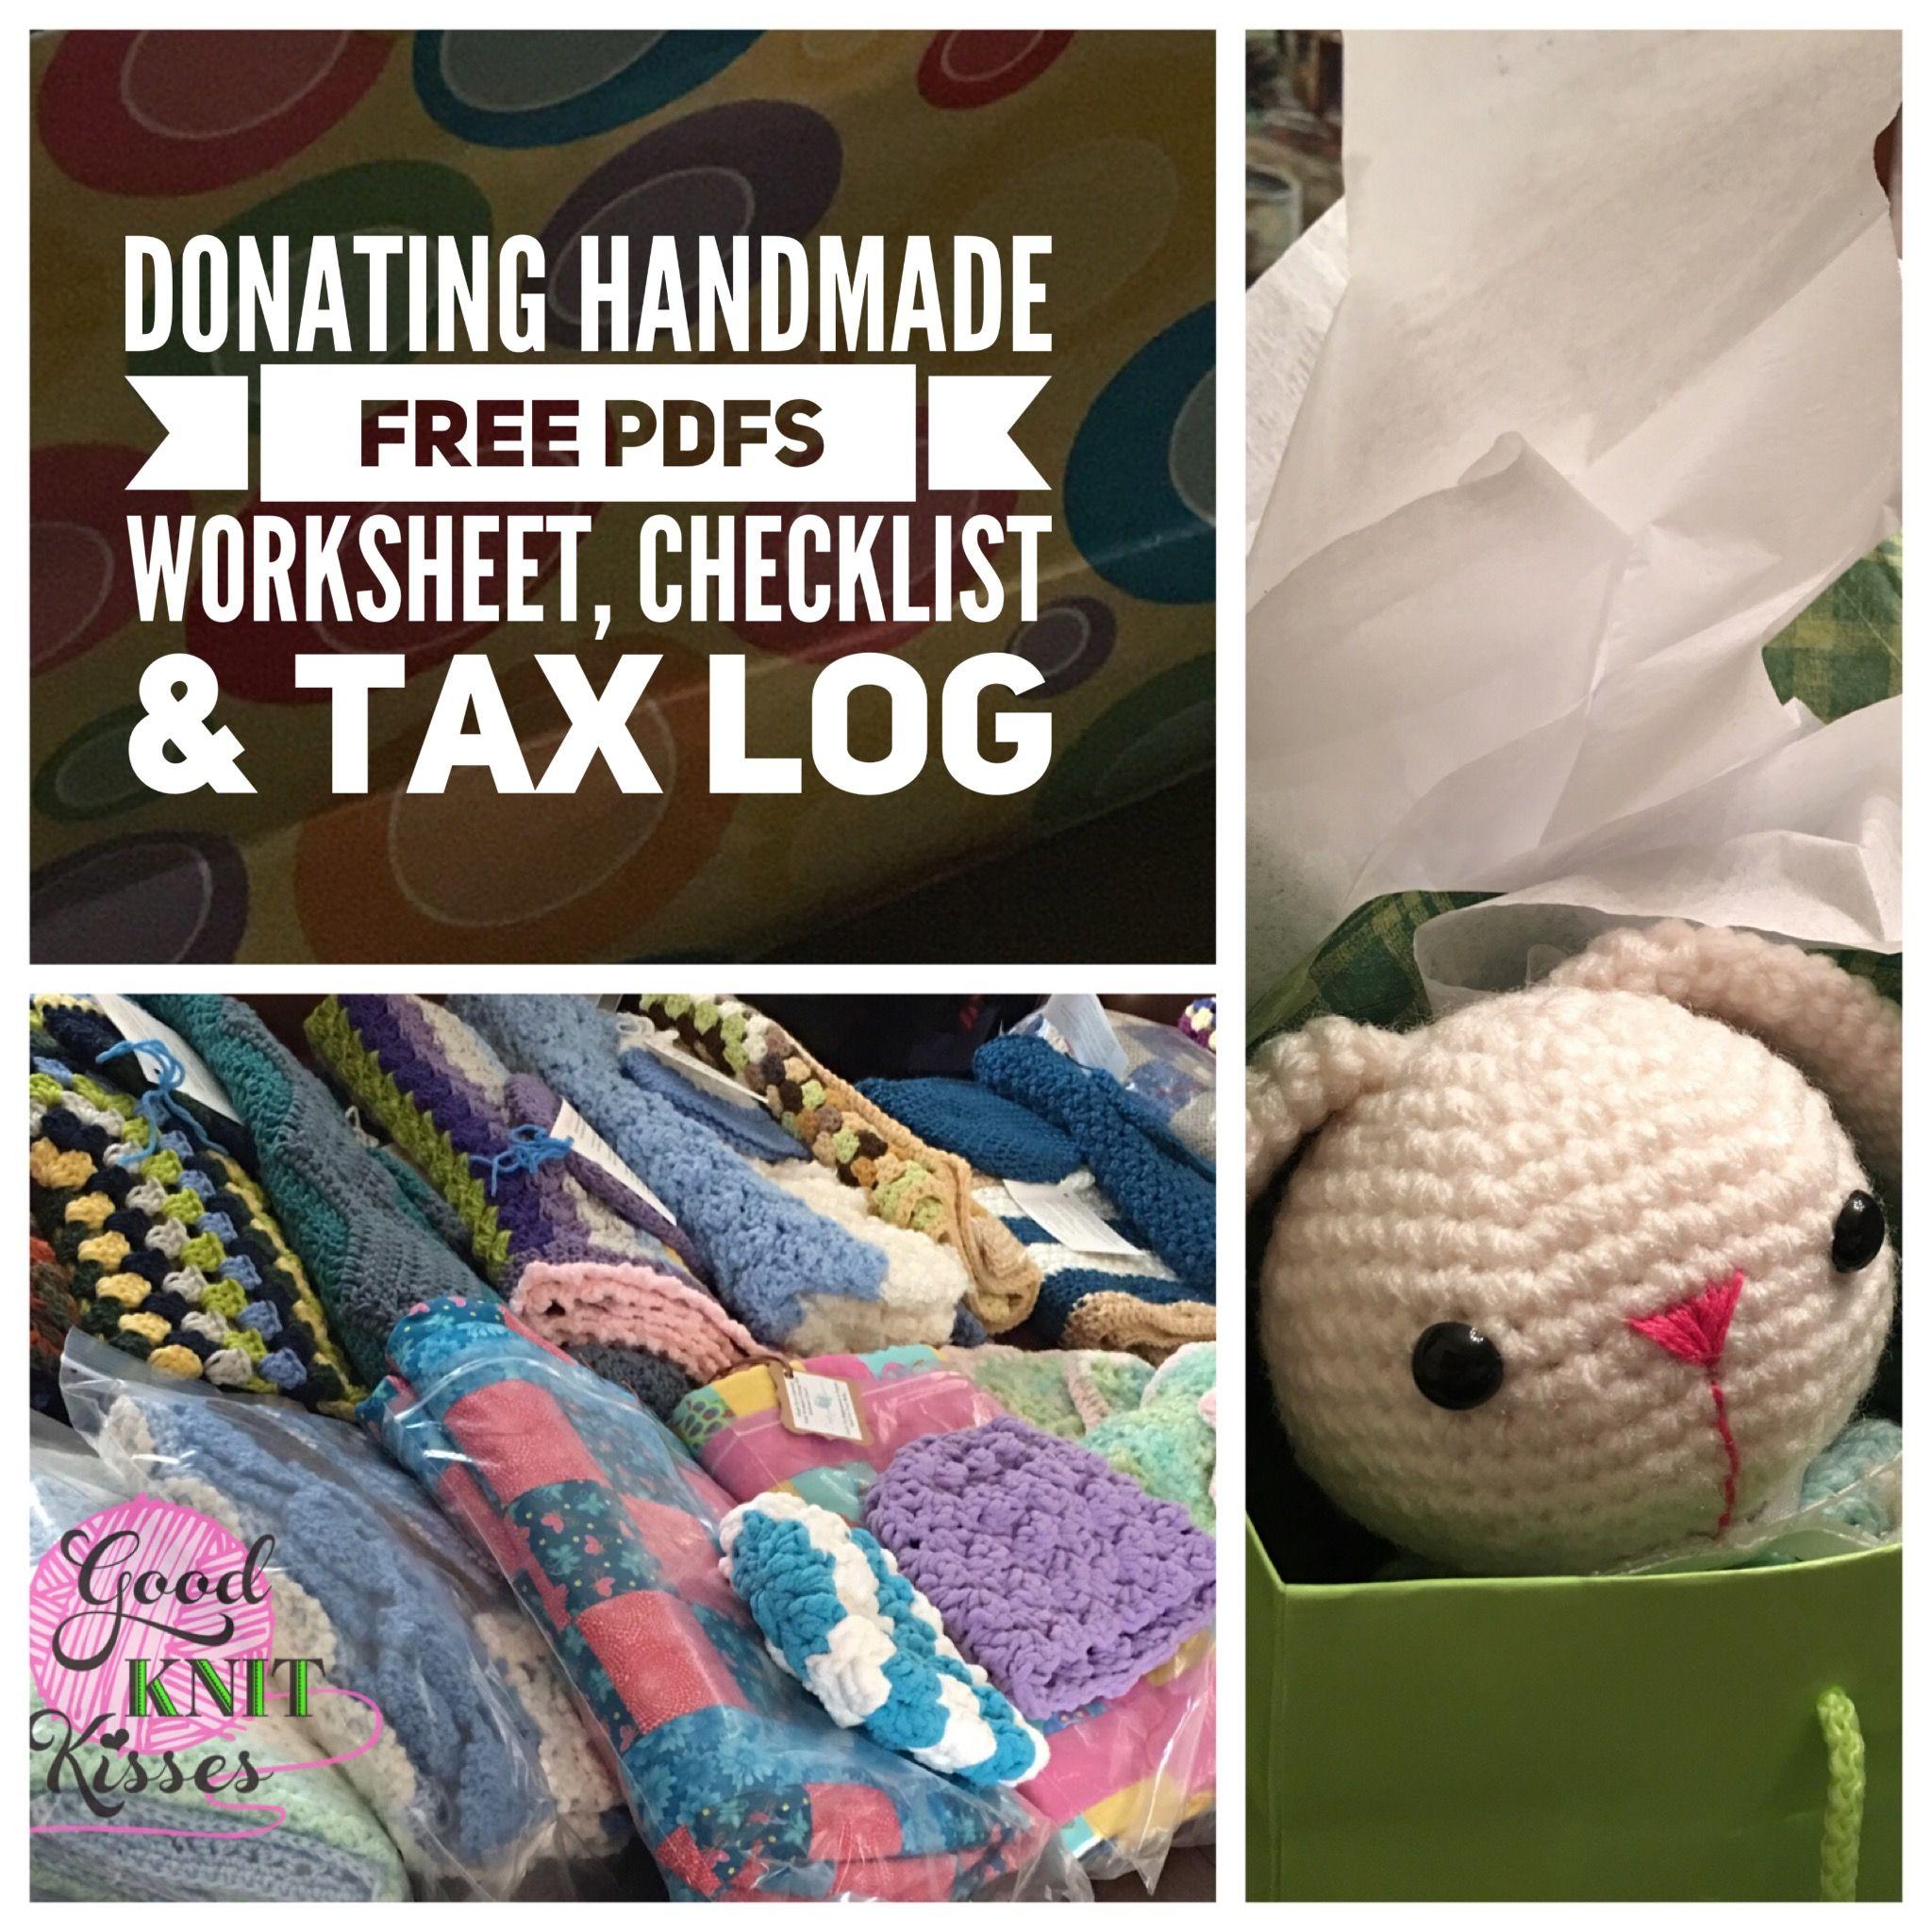 Donating Handmade Making It Work